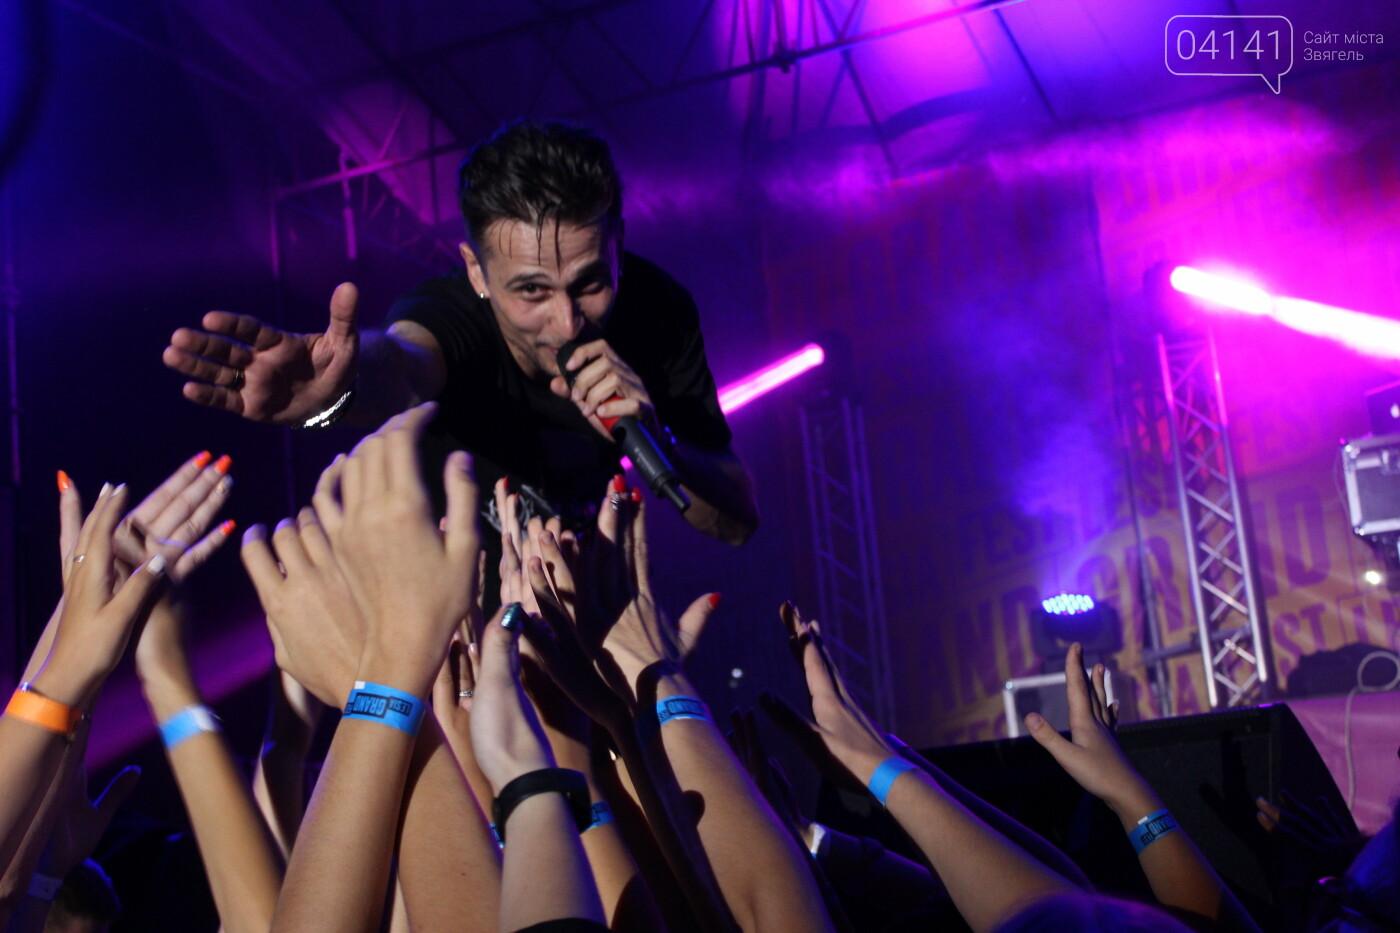 ХАС зібрав у Новограді перший в Україні стадіонний україномовний хіп-хоп концерт (ФОТО, ВІДЕО), фото-20